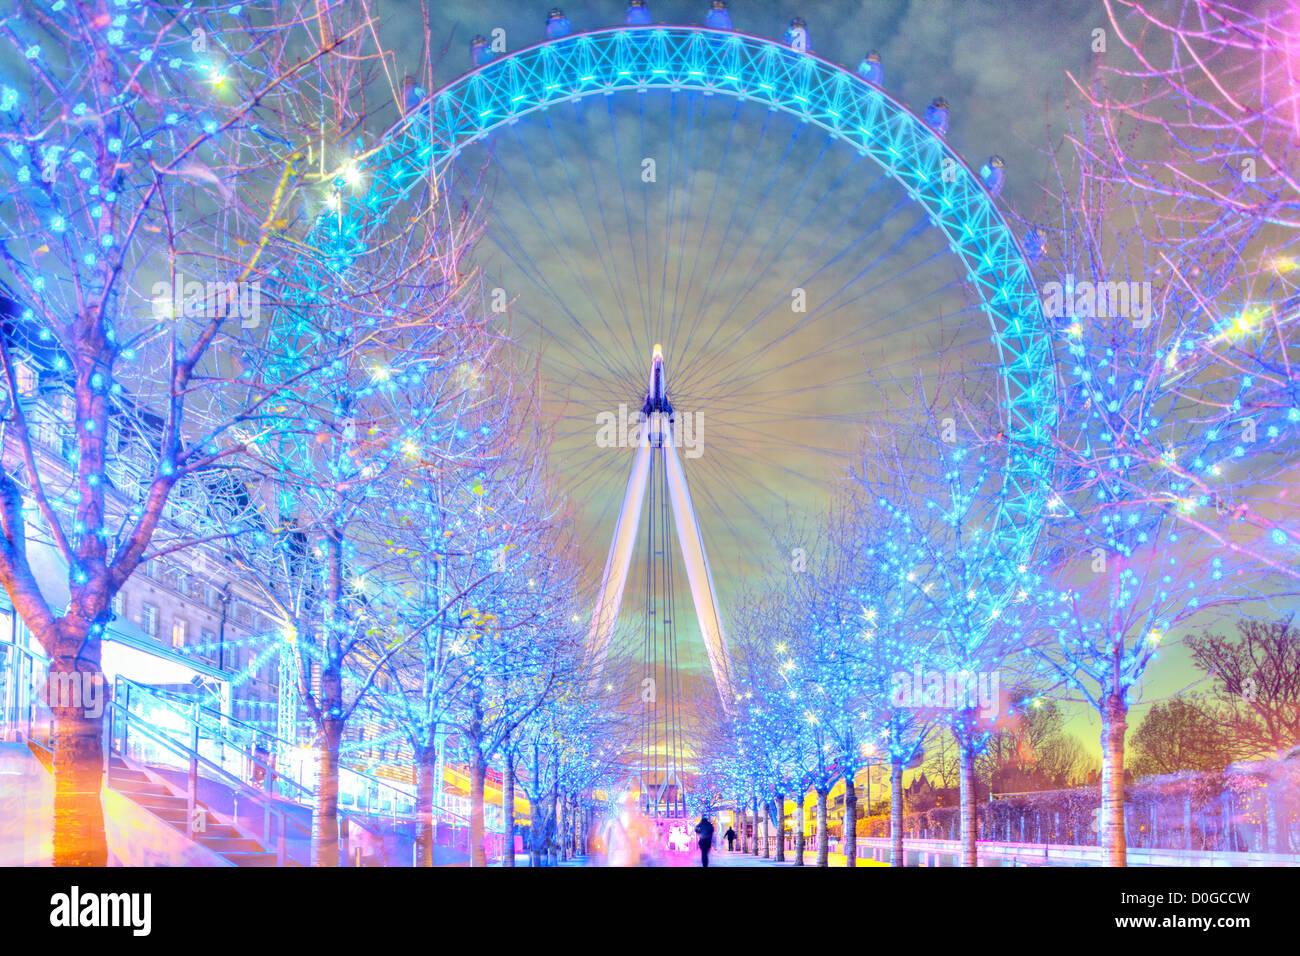 london eye millennium wheel bunt beleuchtet mit festliche weihnachten xmas licht im winter. Black Bedroom Furniture Sets. Home Design Ideas